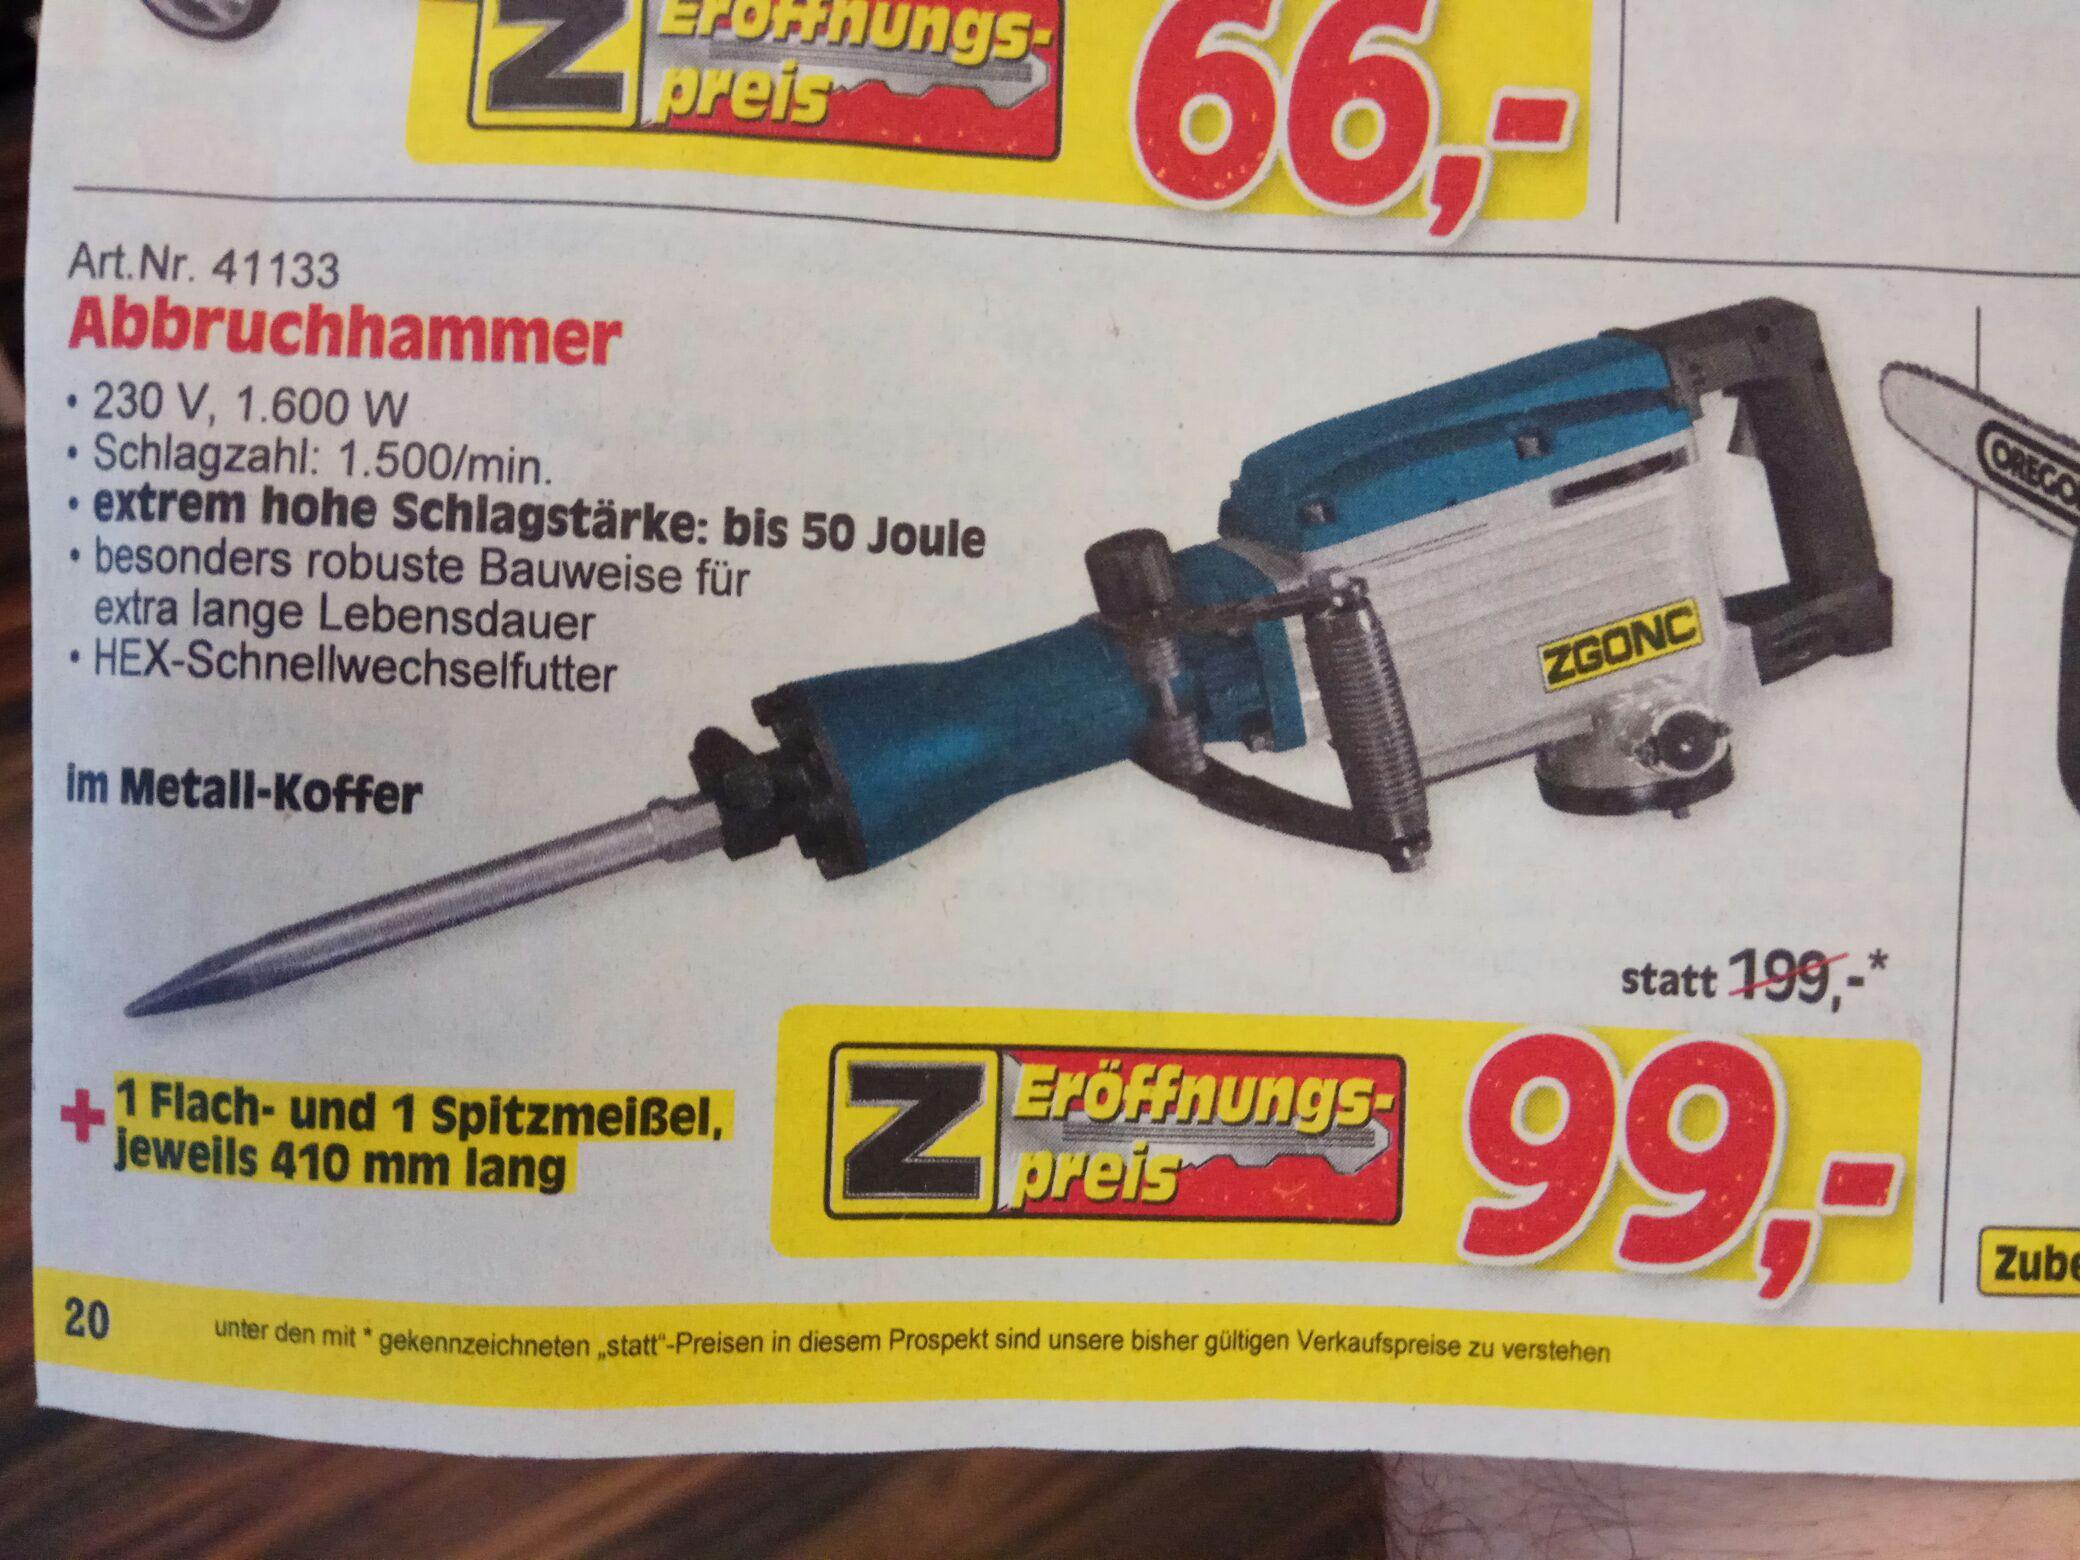 ZGONC 50 Joule Abbruchhammer 5 Jahre ZGONC Garantie  baugleich Scheppach & Co! In der Metallbox